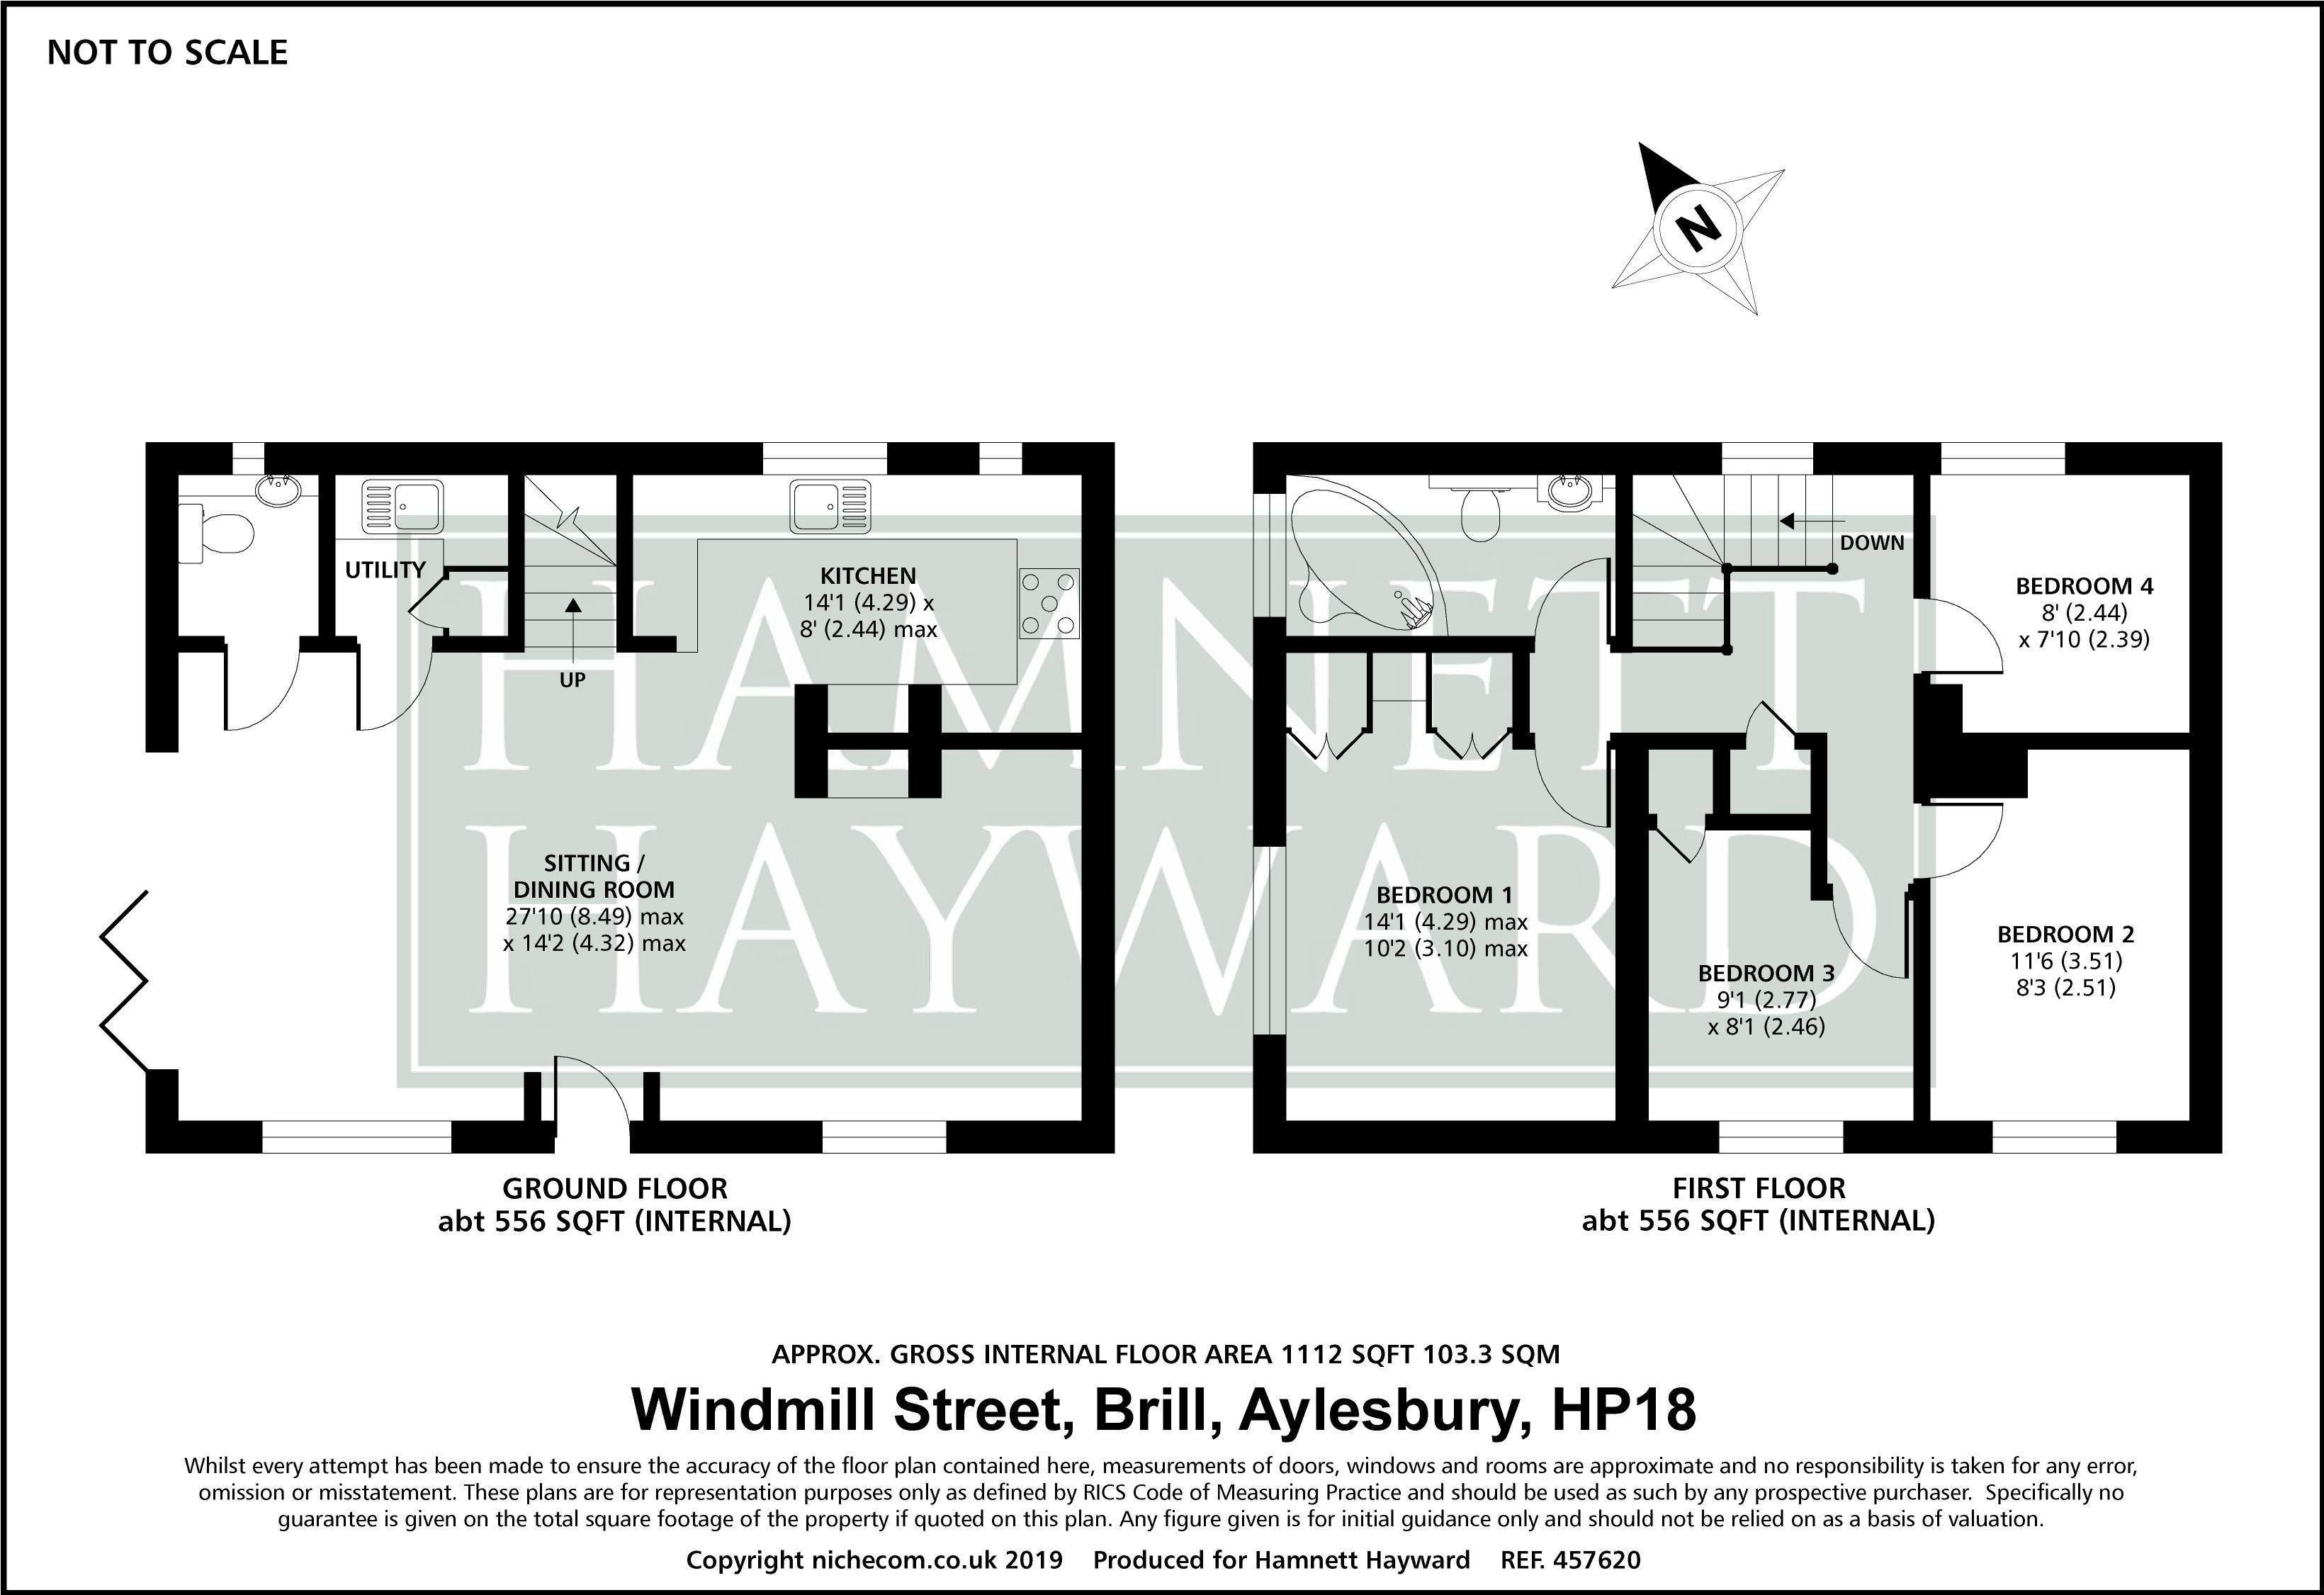 Windmill Street Brill